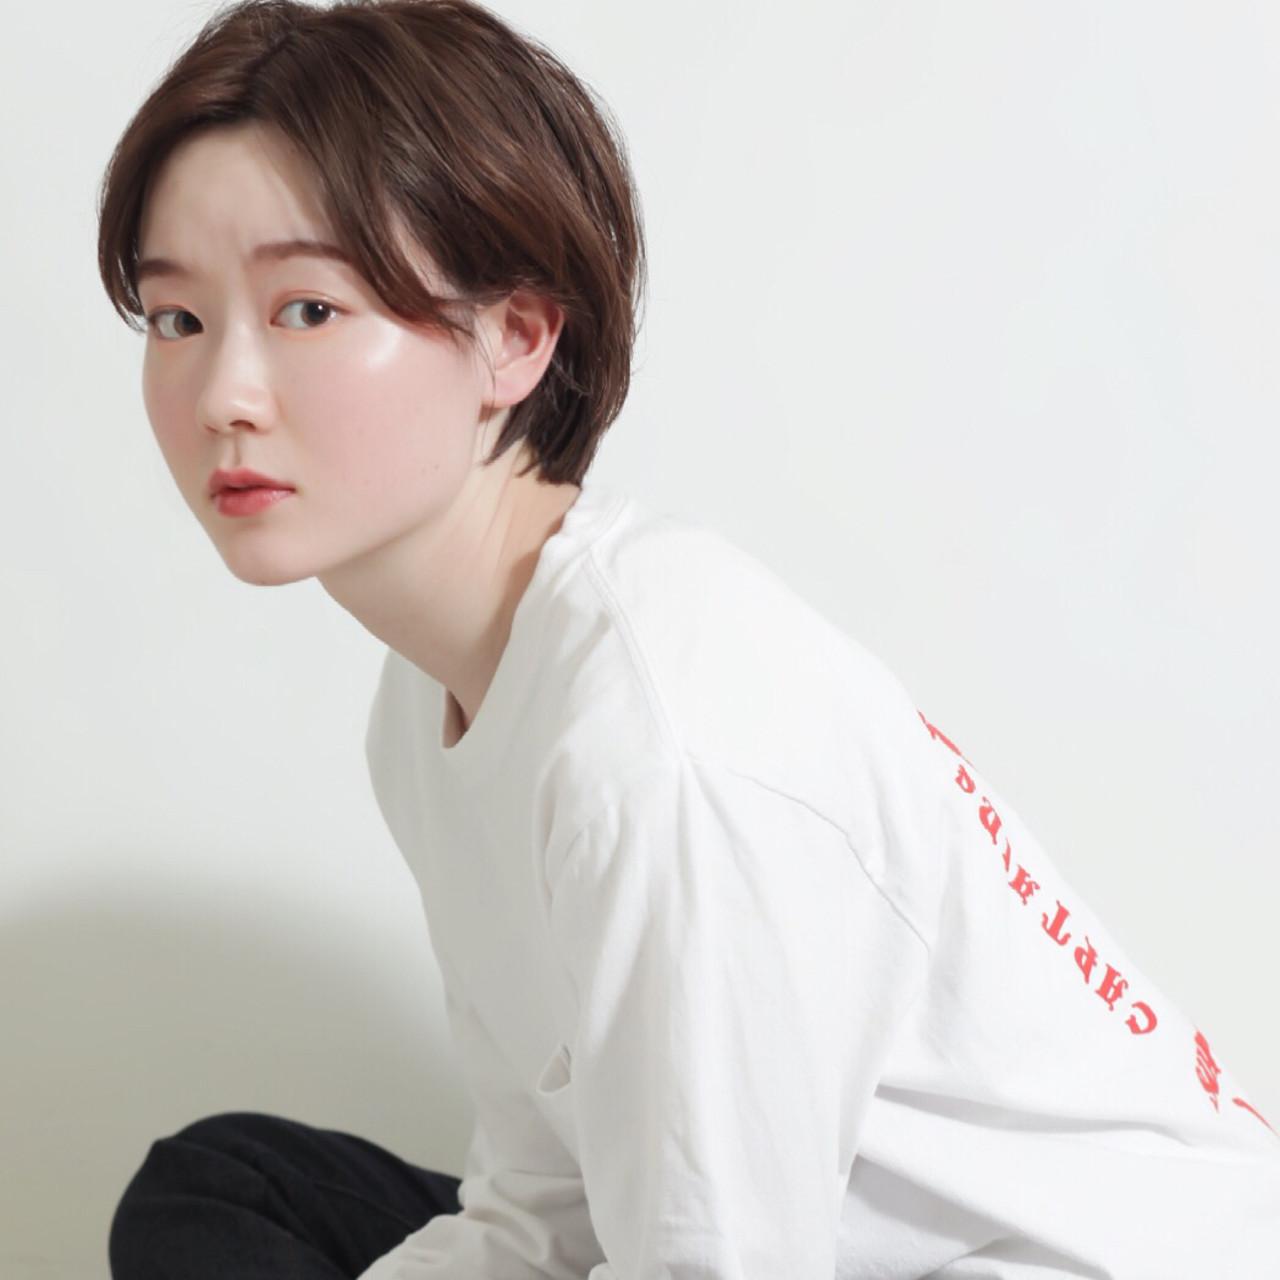 小顔ショート ショートボブ ナチュラル ハンサムショート ヘアスタイルや髪型の写真・画像 | 掛橋 翔 / air-FUKUOKA